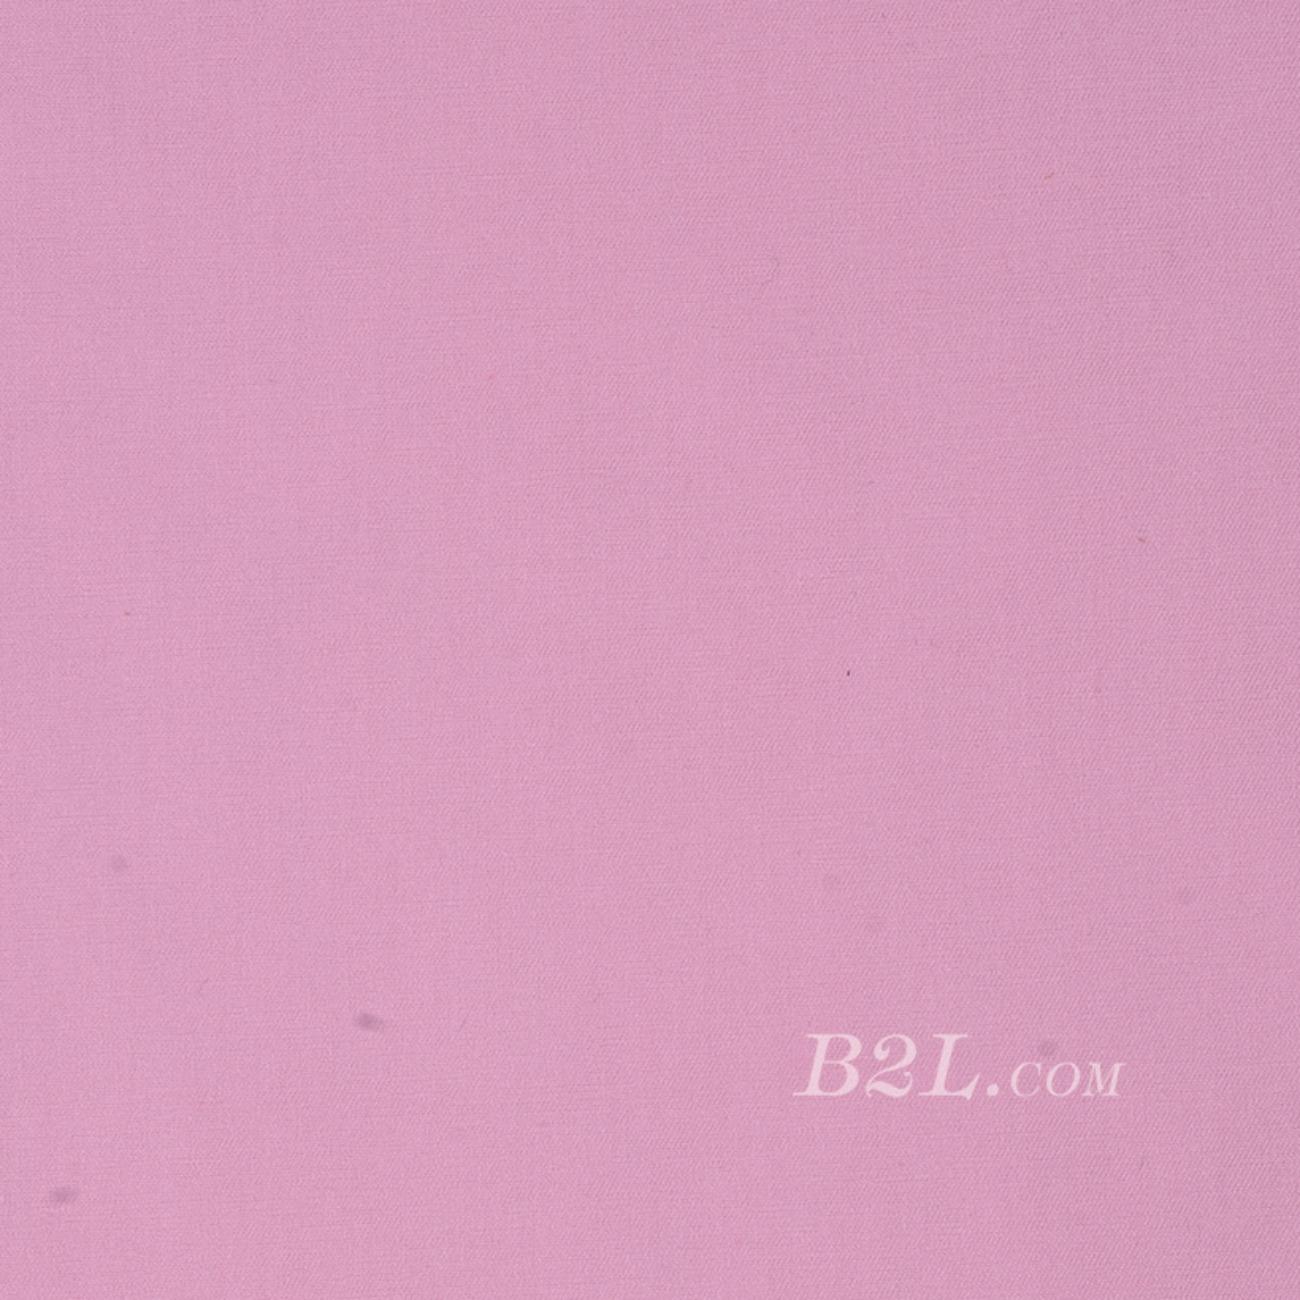 斜纹梭织素色染色连衣裙 短裙 衬衫 低弹 春 秋 柔软 70823-13